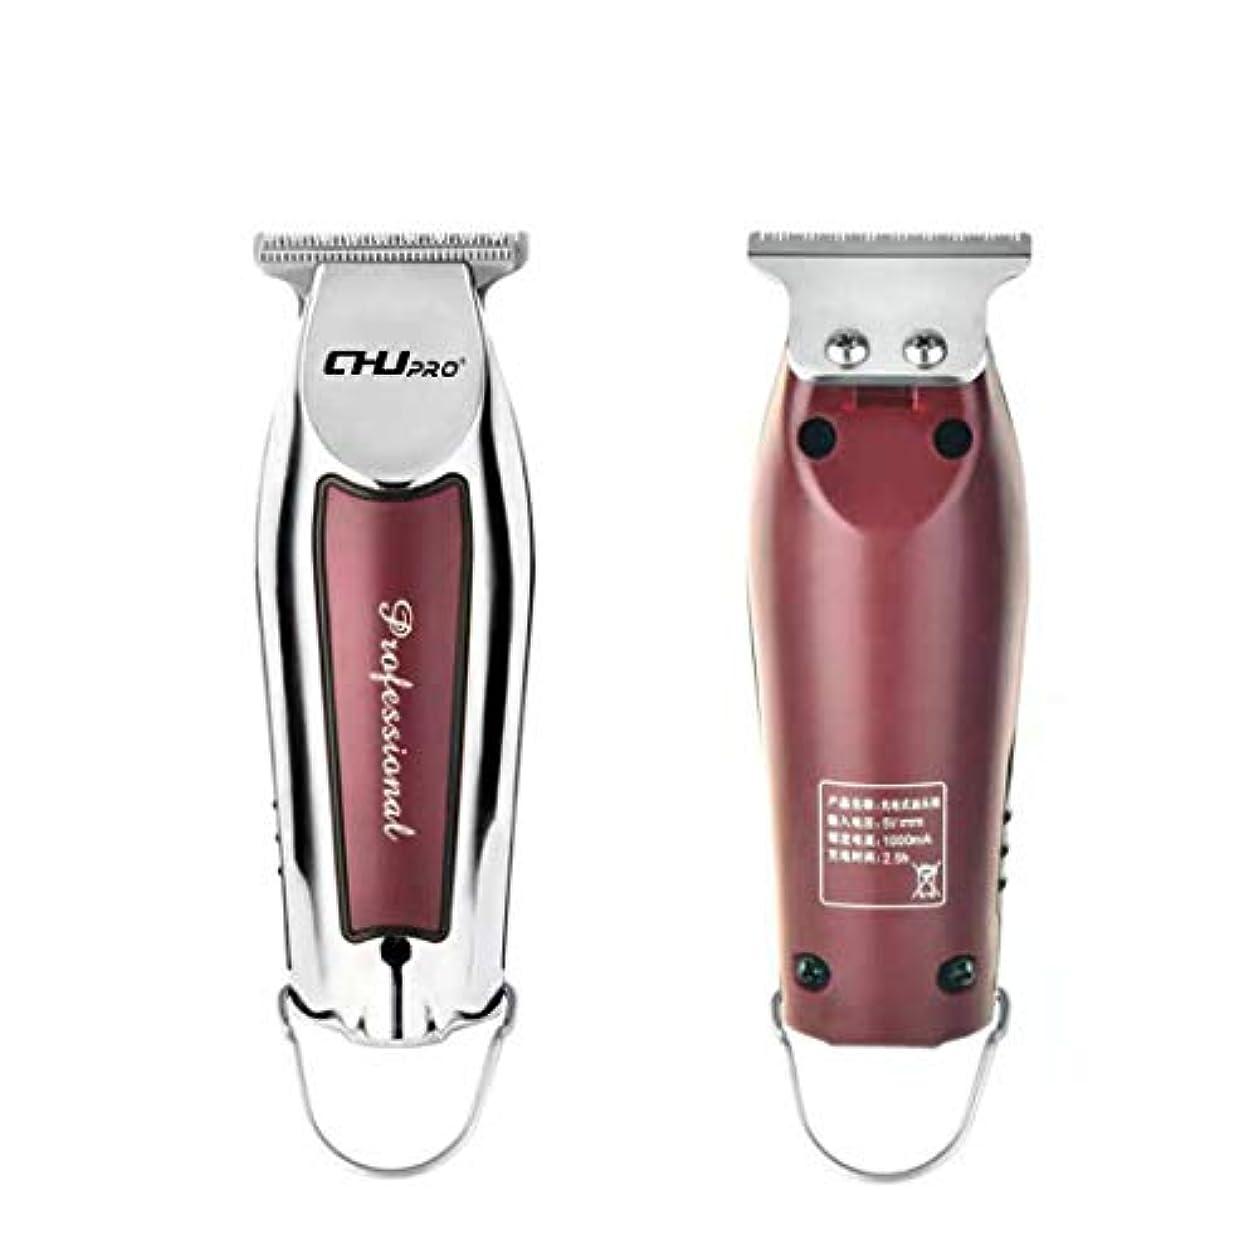 無知アクティブリマMIOIM 電動シェーバー 深剃り 電動バリカン USB充電 ヘアカッター コードレス 刈り高さ調節可能 メンズ バリカンこども用 持ち運び 家庭用 業務用